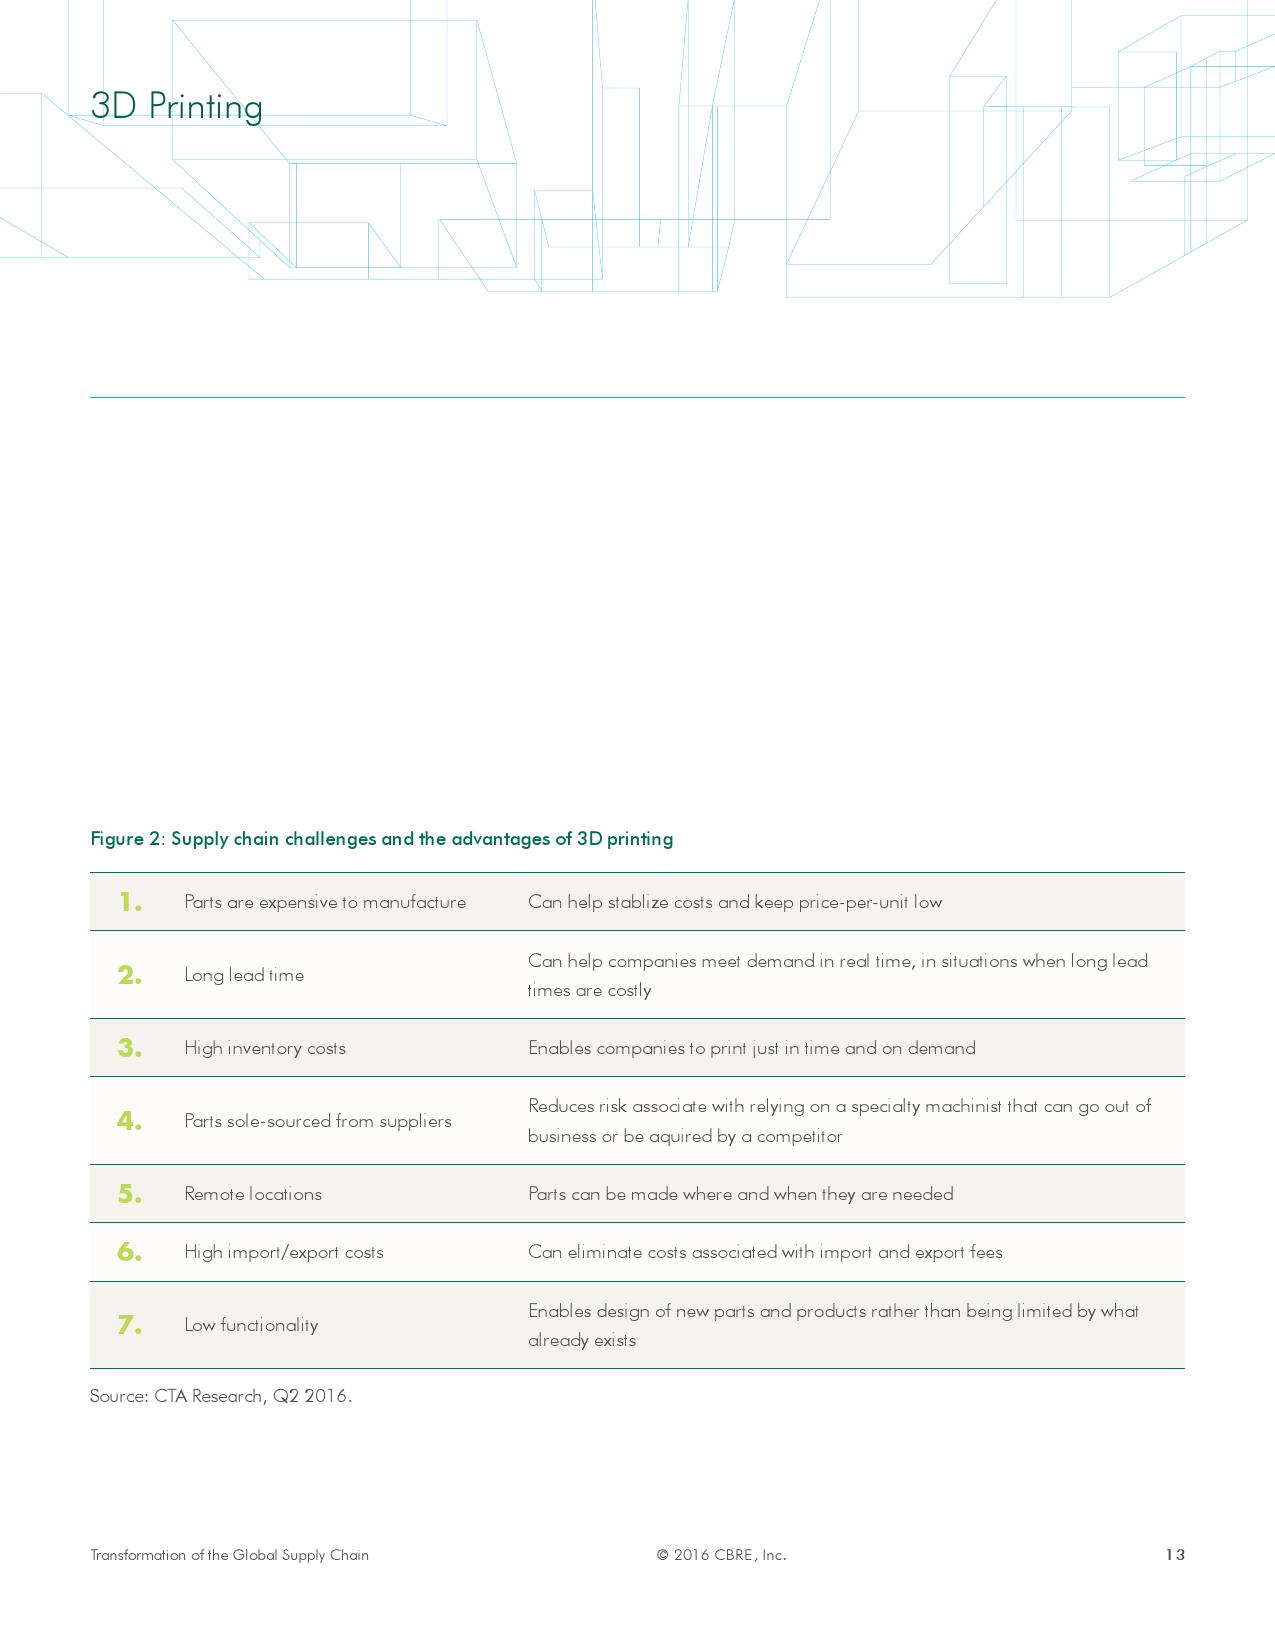 全球供应链升级-自动化技术驱动房地产变革_000013